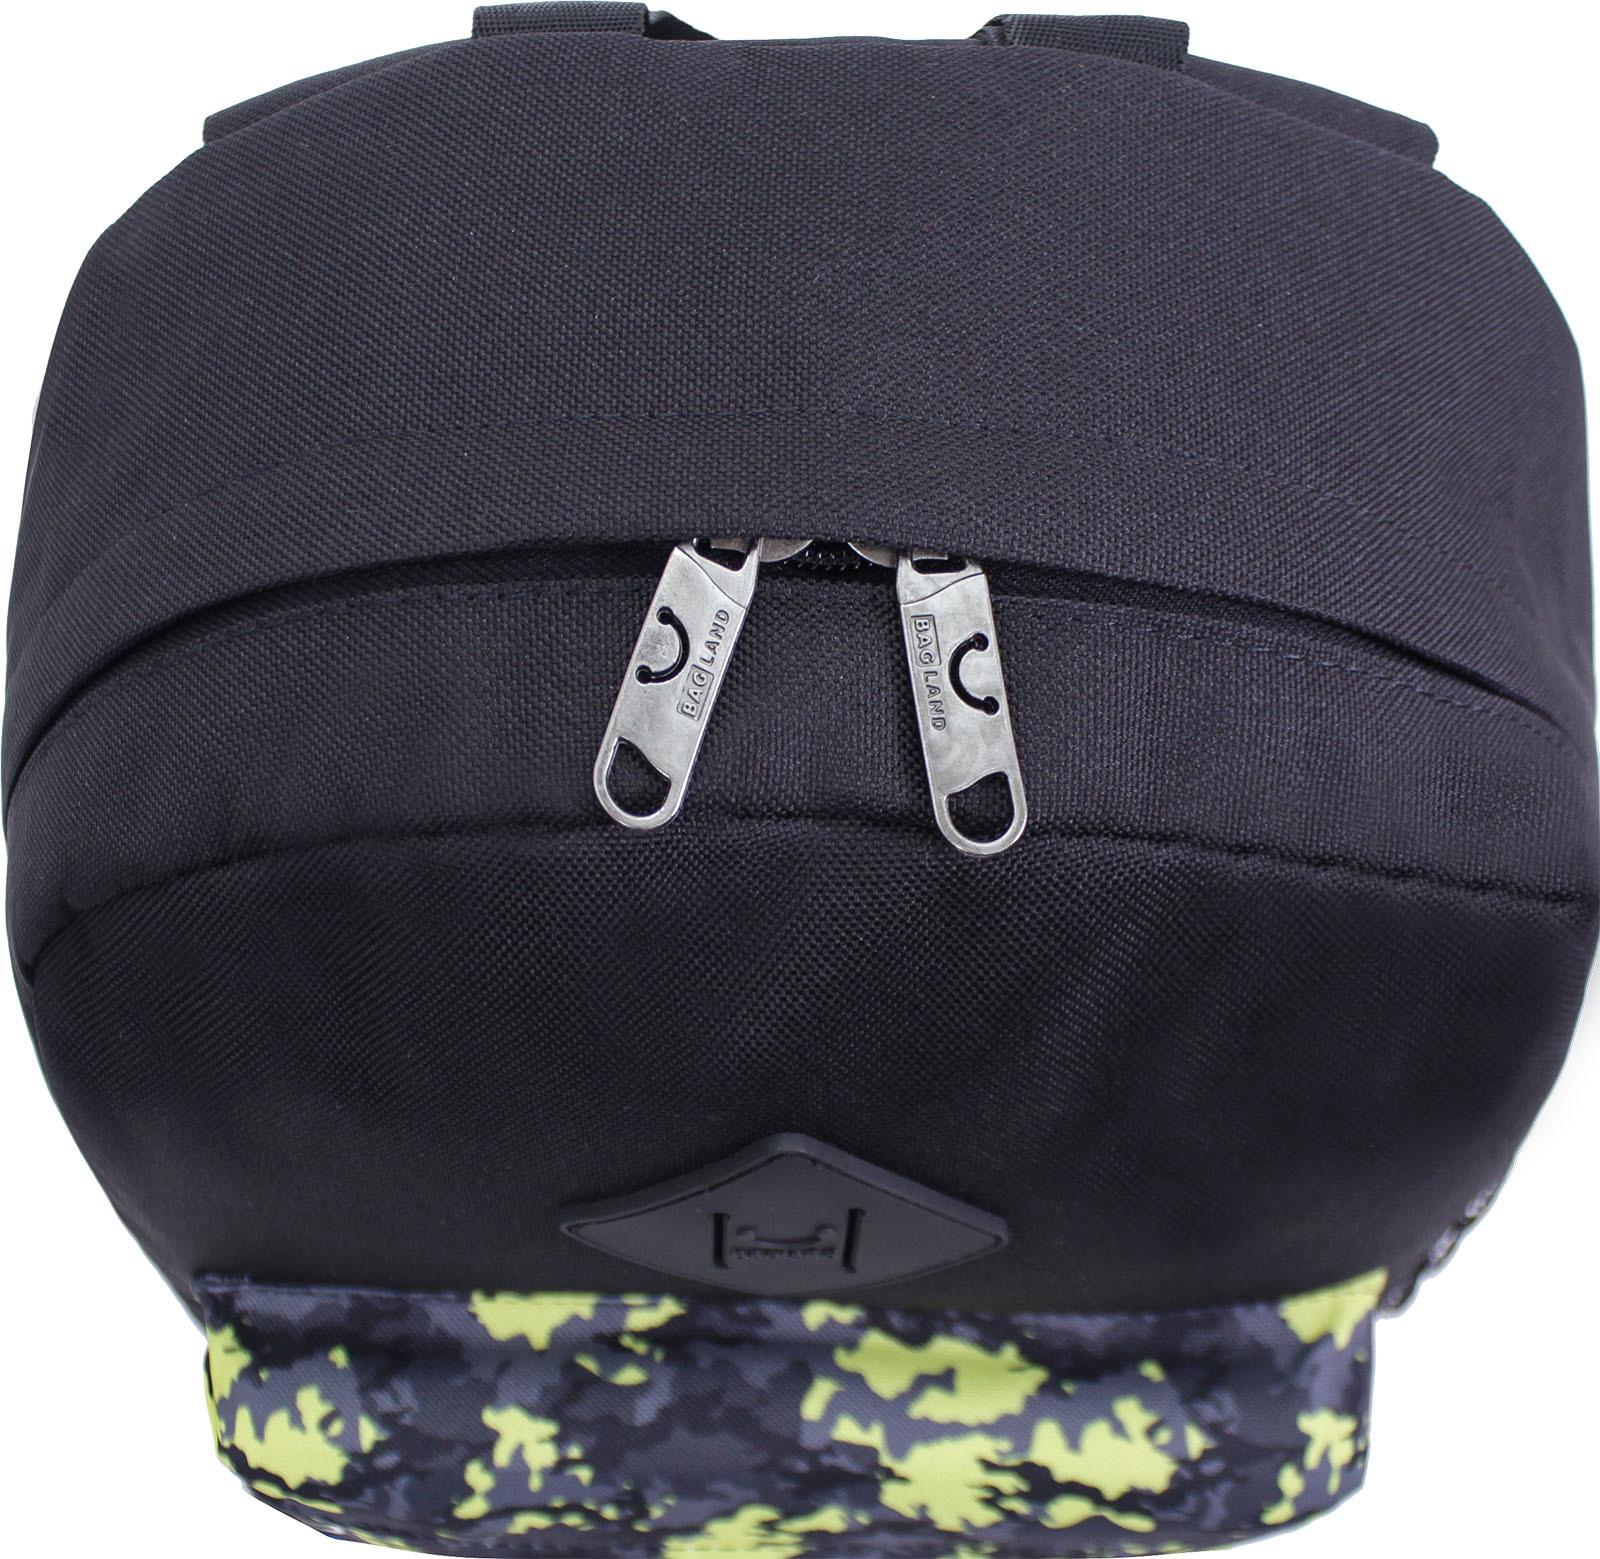 Рюкзак Bagland Молодежный W/R 17 л. черный 454 (00533662) фото 4